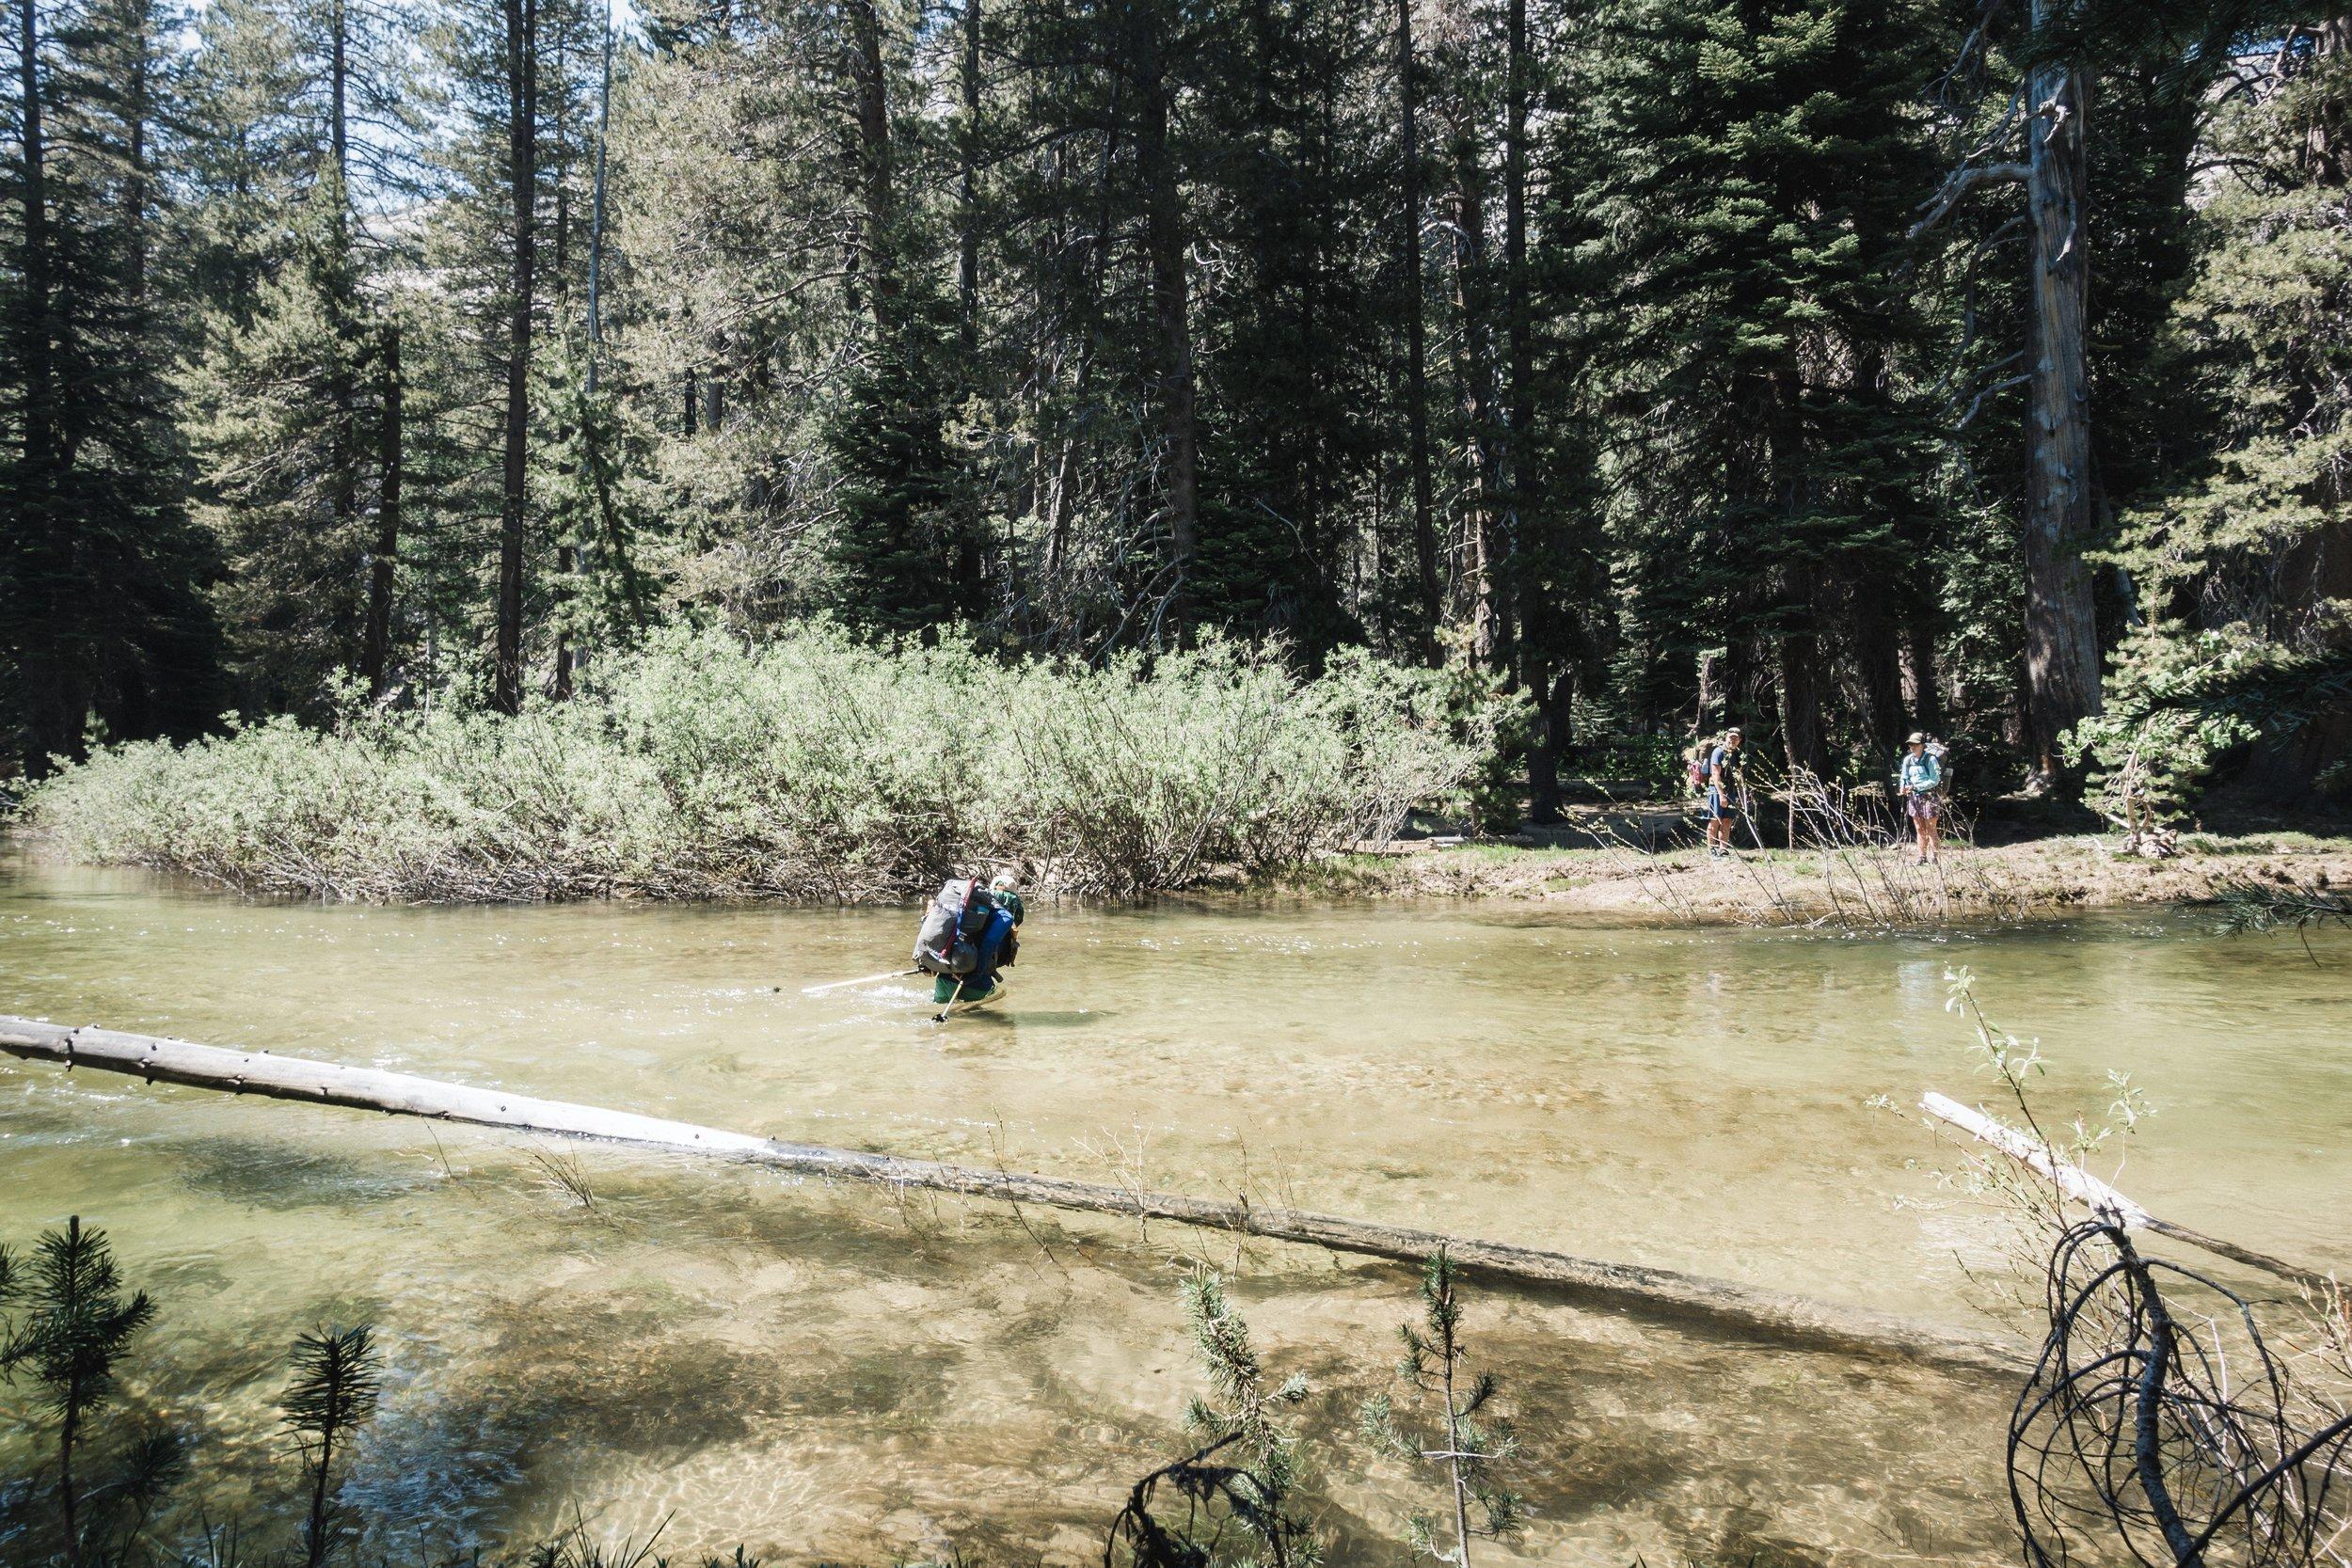 More water crossings.